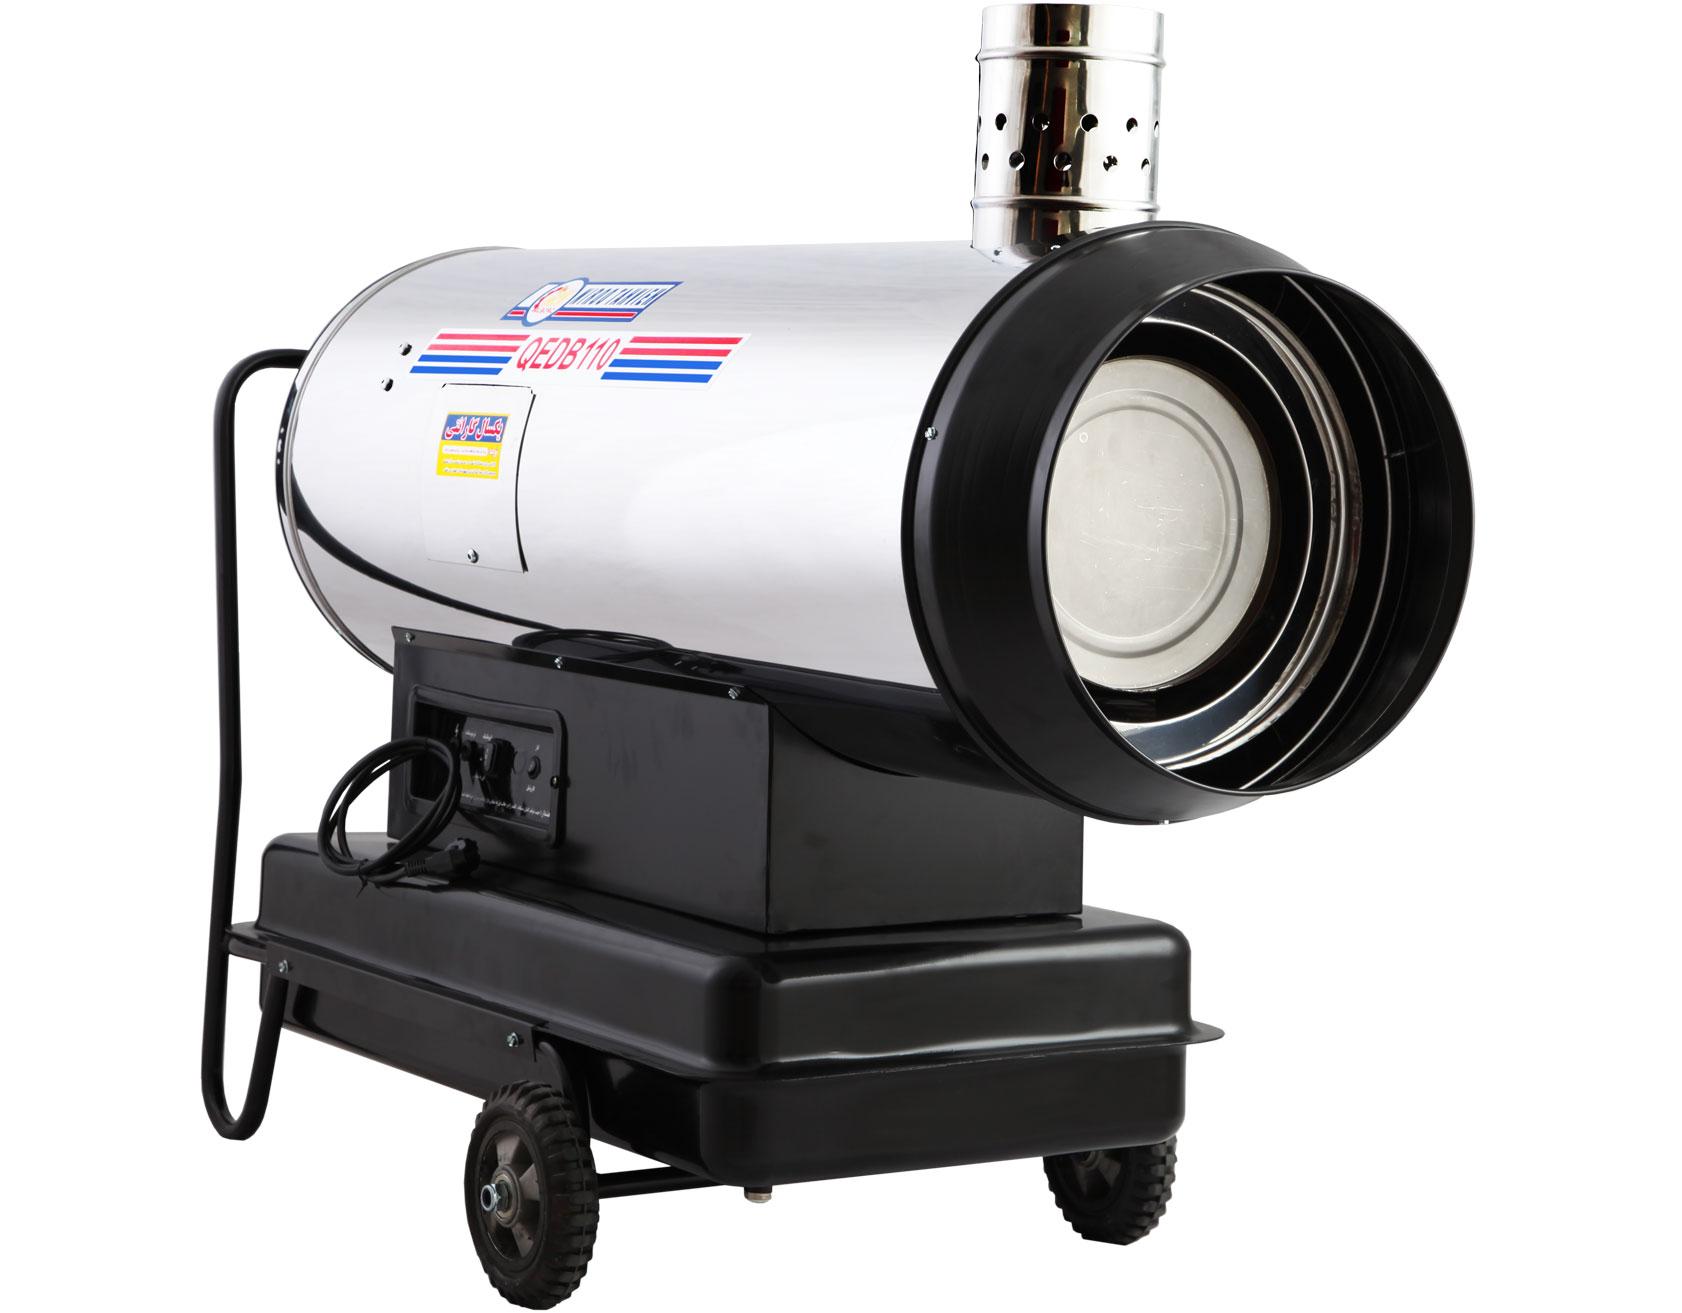 QEDB-110 Jet Heater